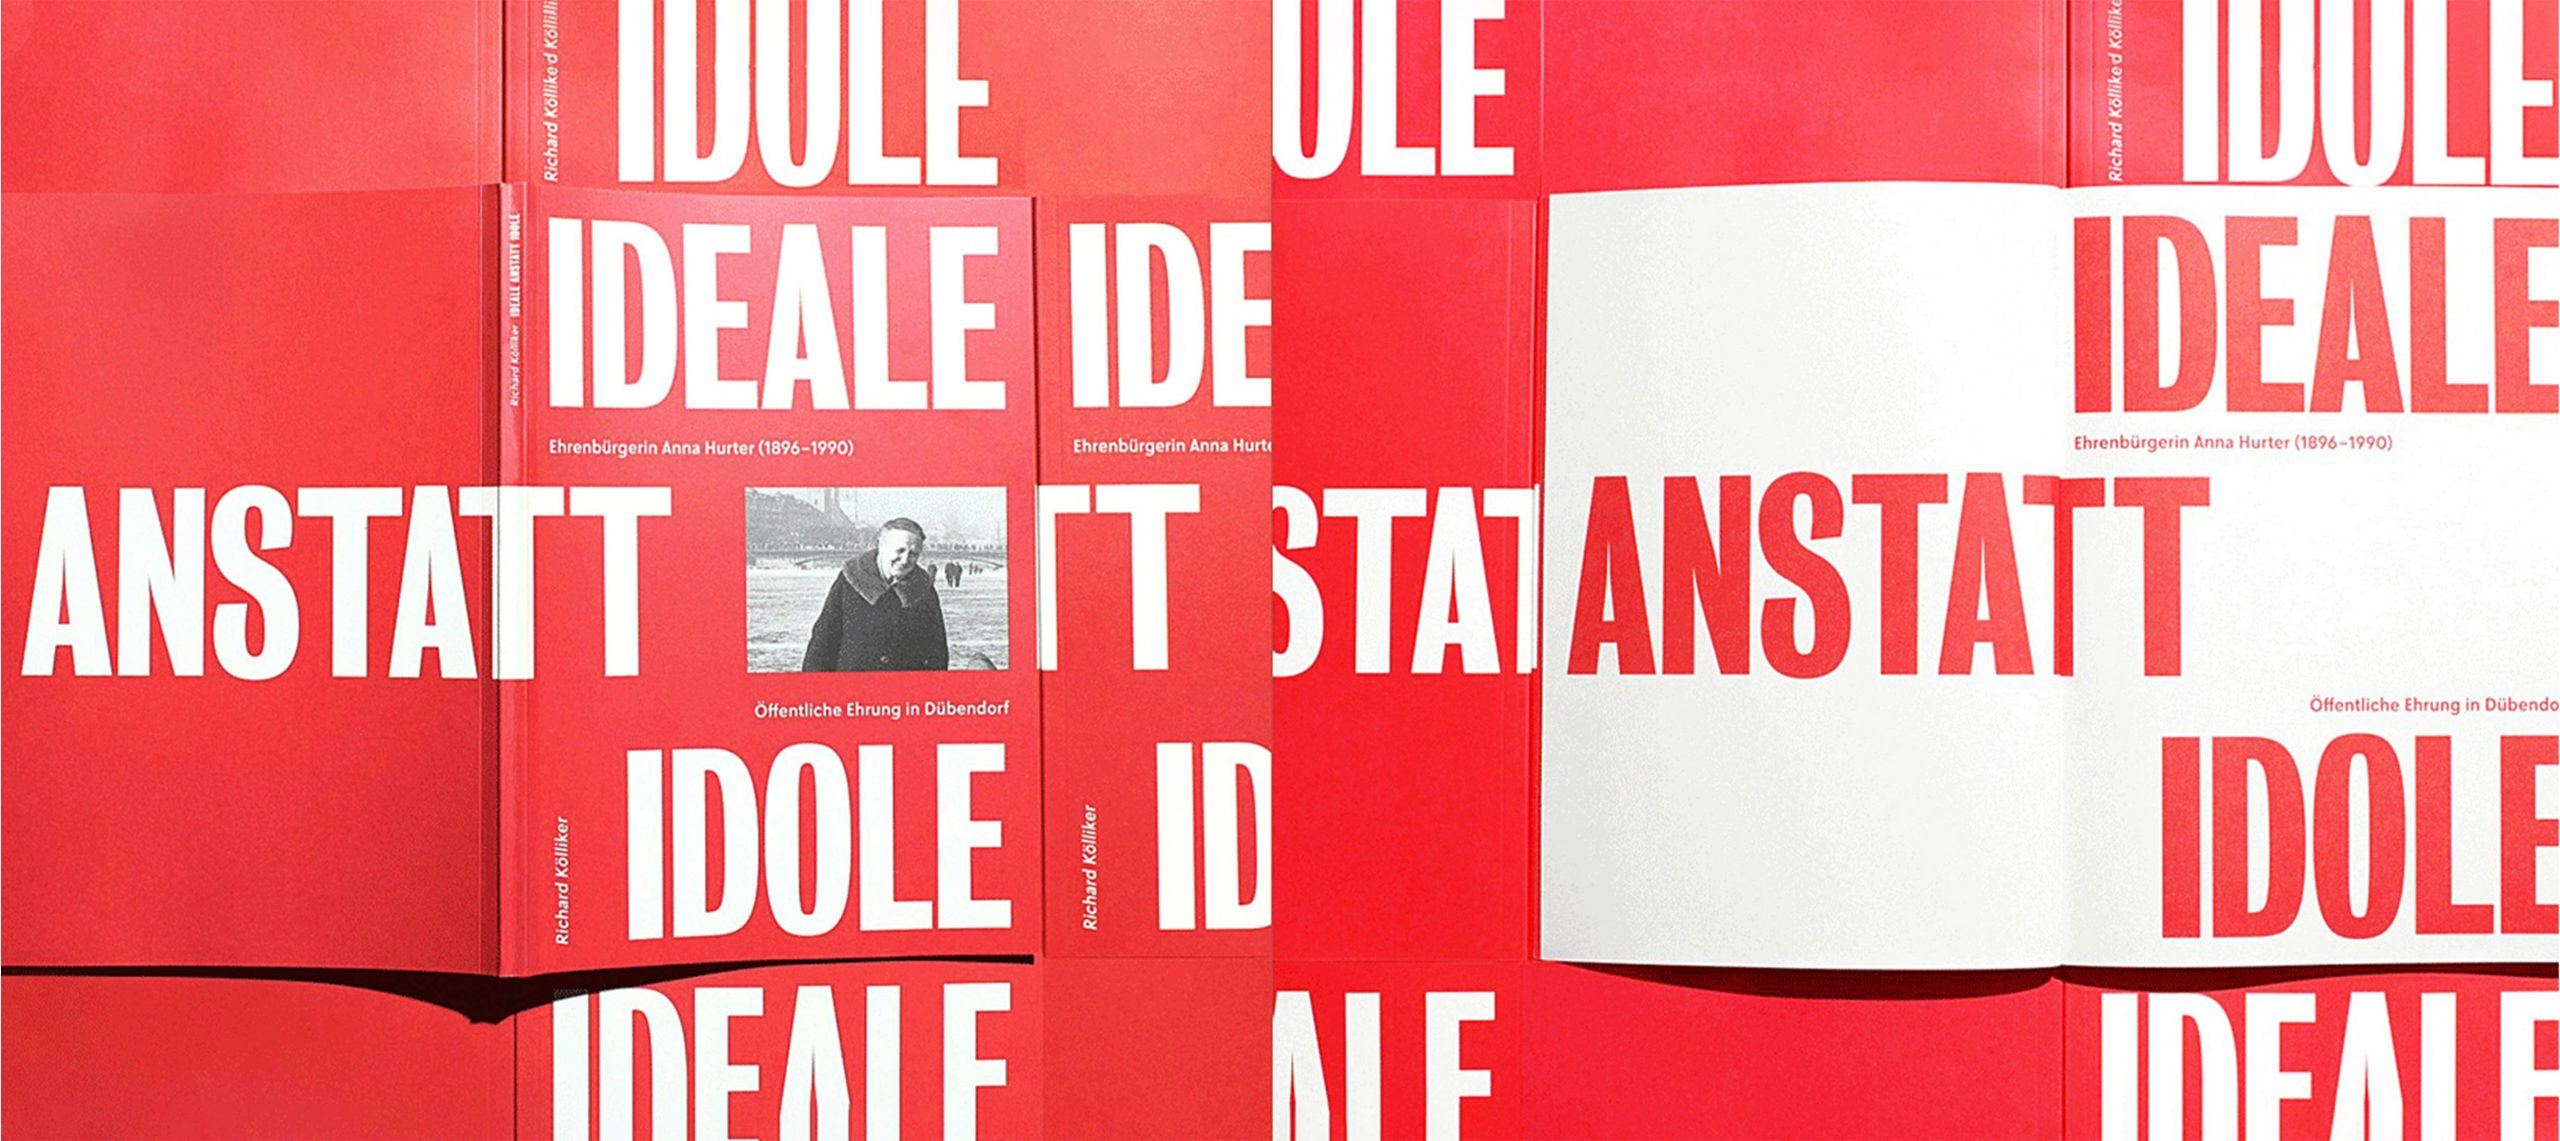 Studio Last - Ideale anstatt Idole – Book